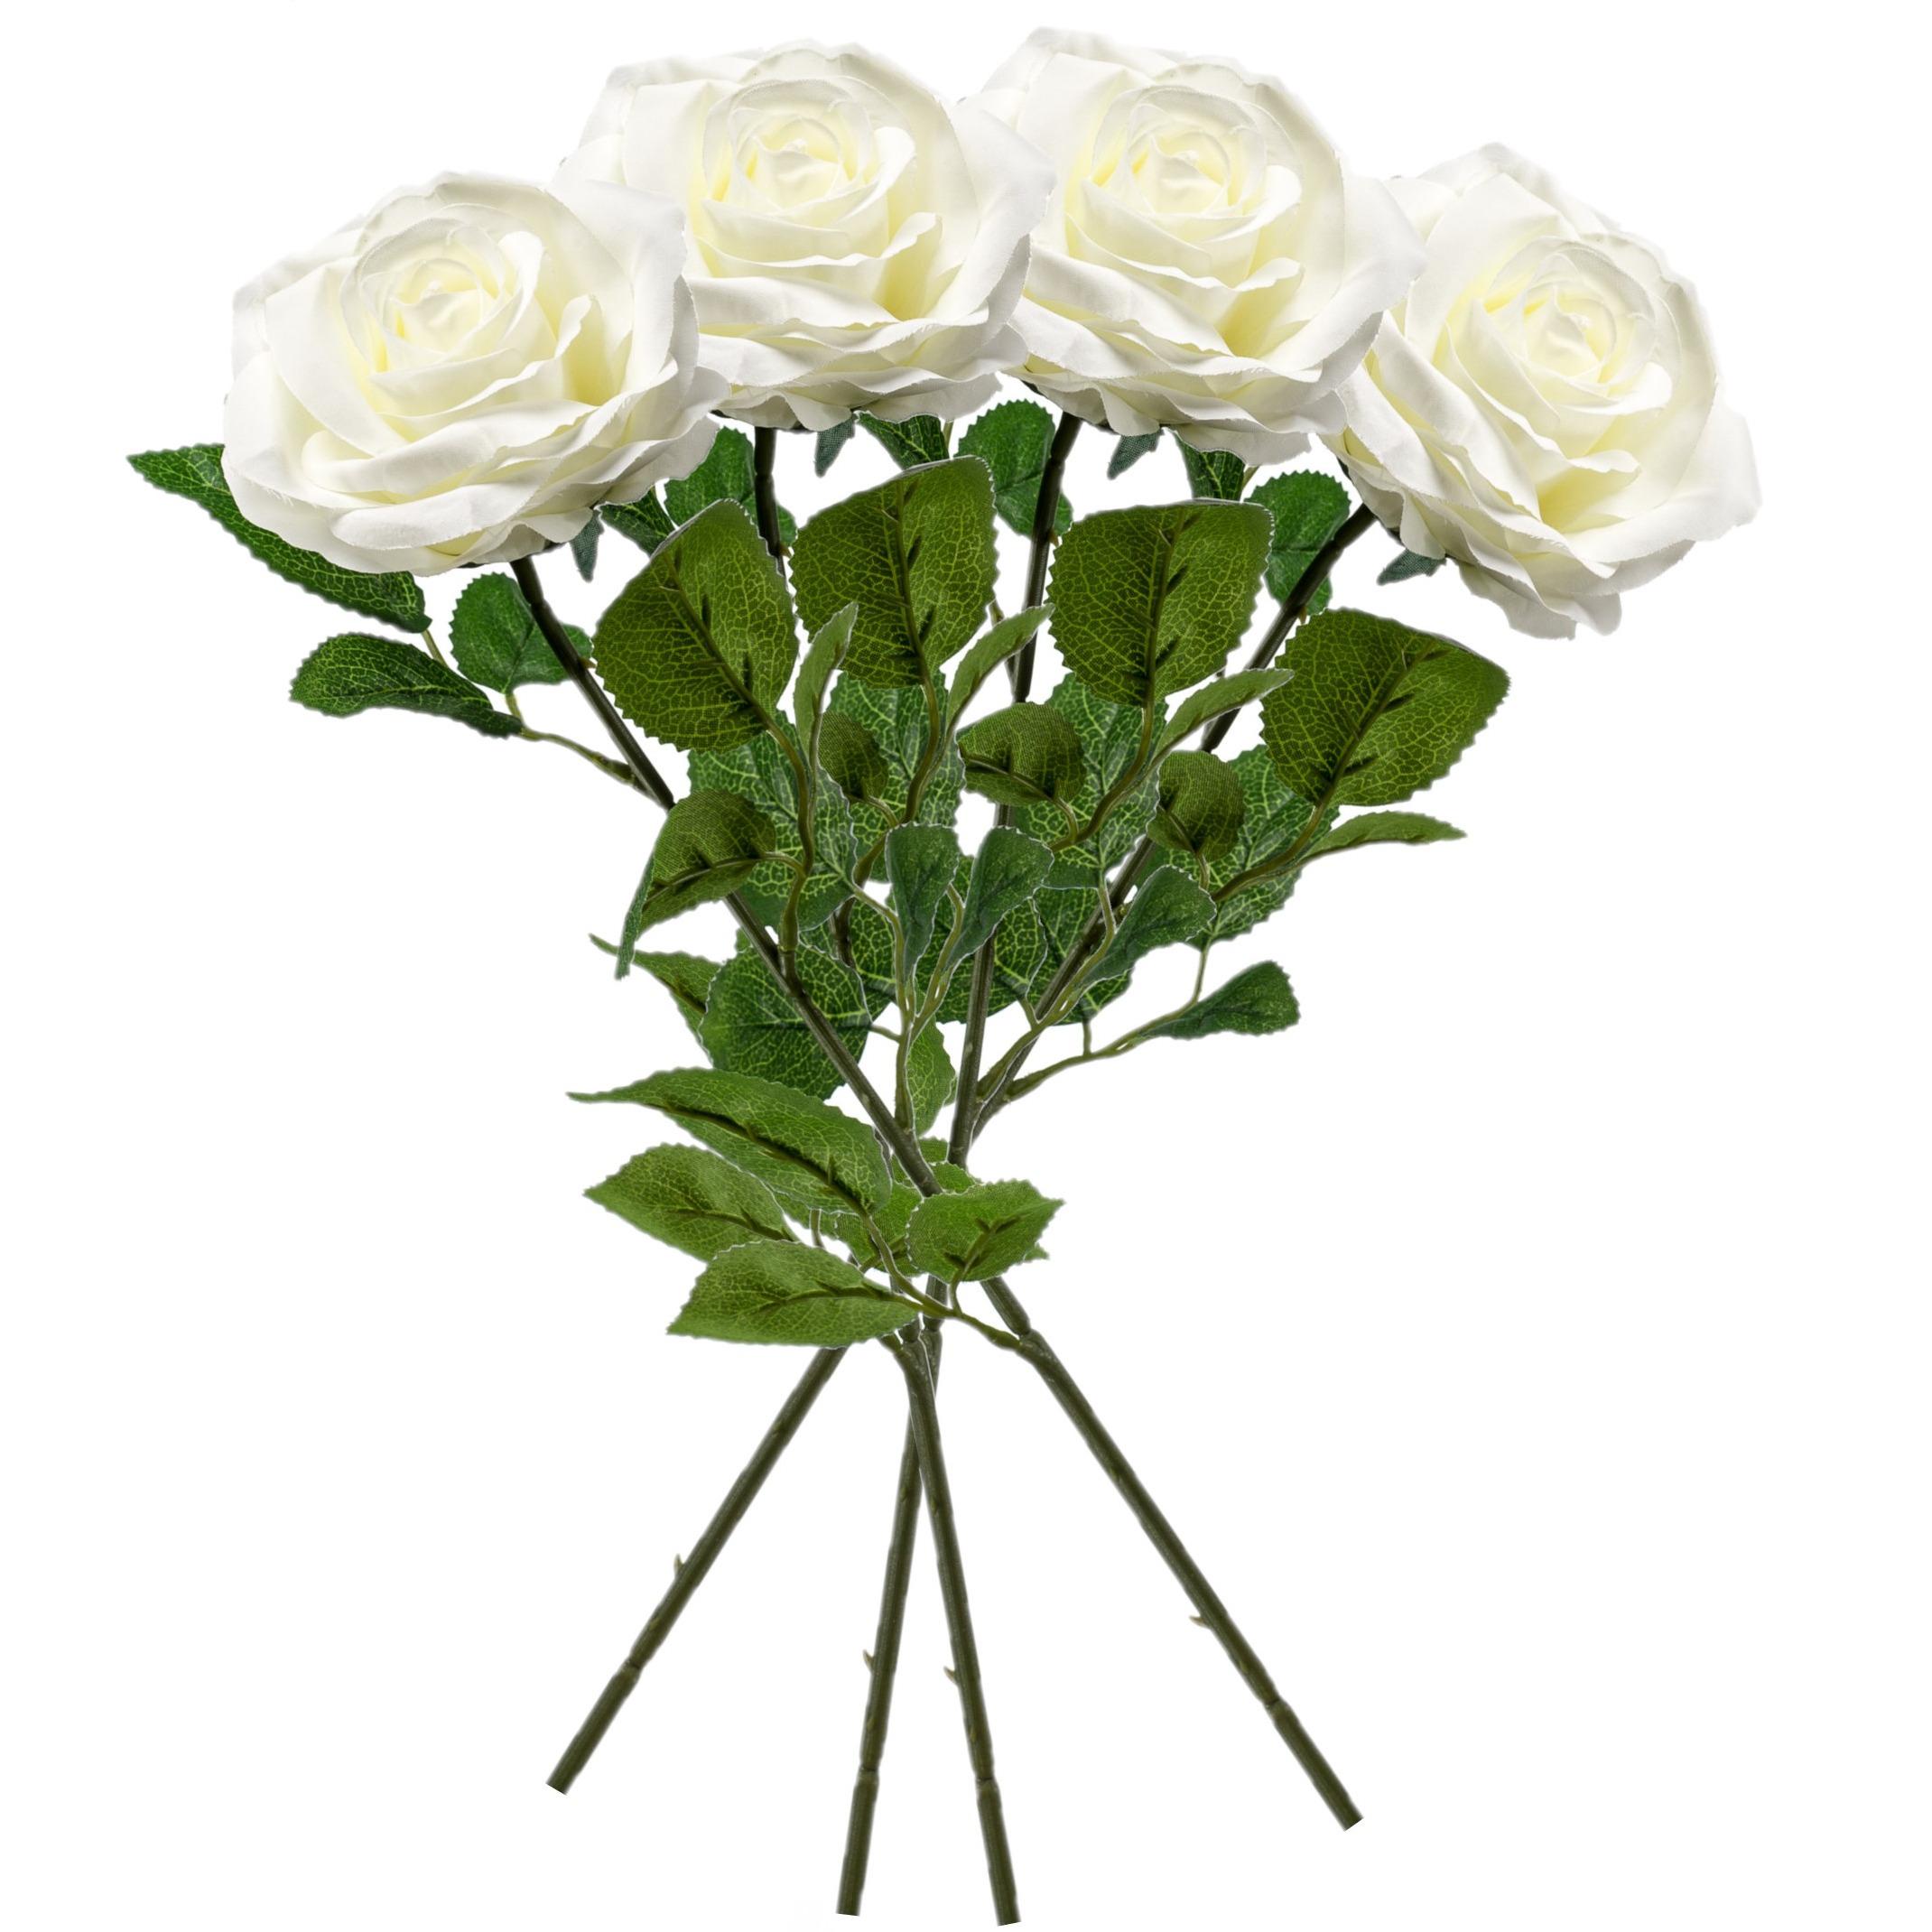 6x Creme rozen Marleen kunstbloemen 63 cm